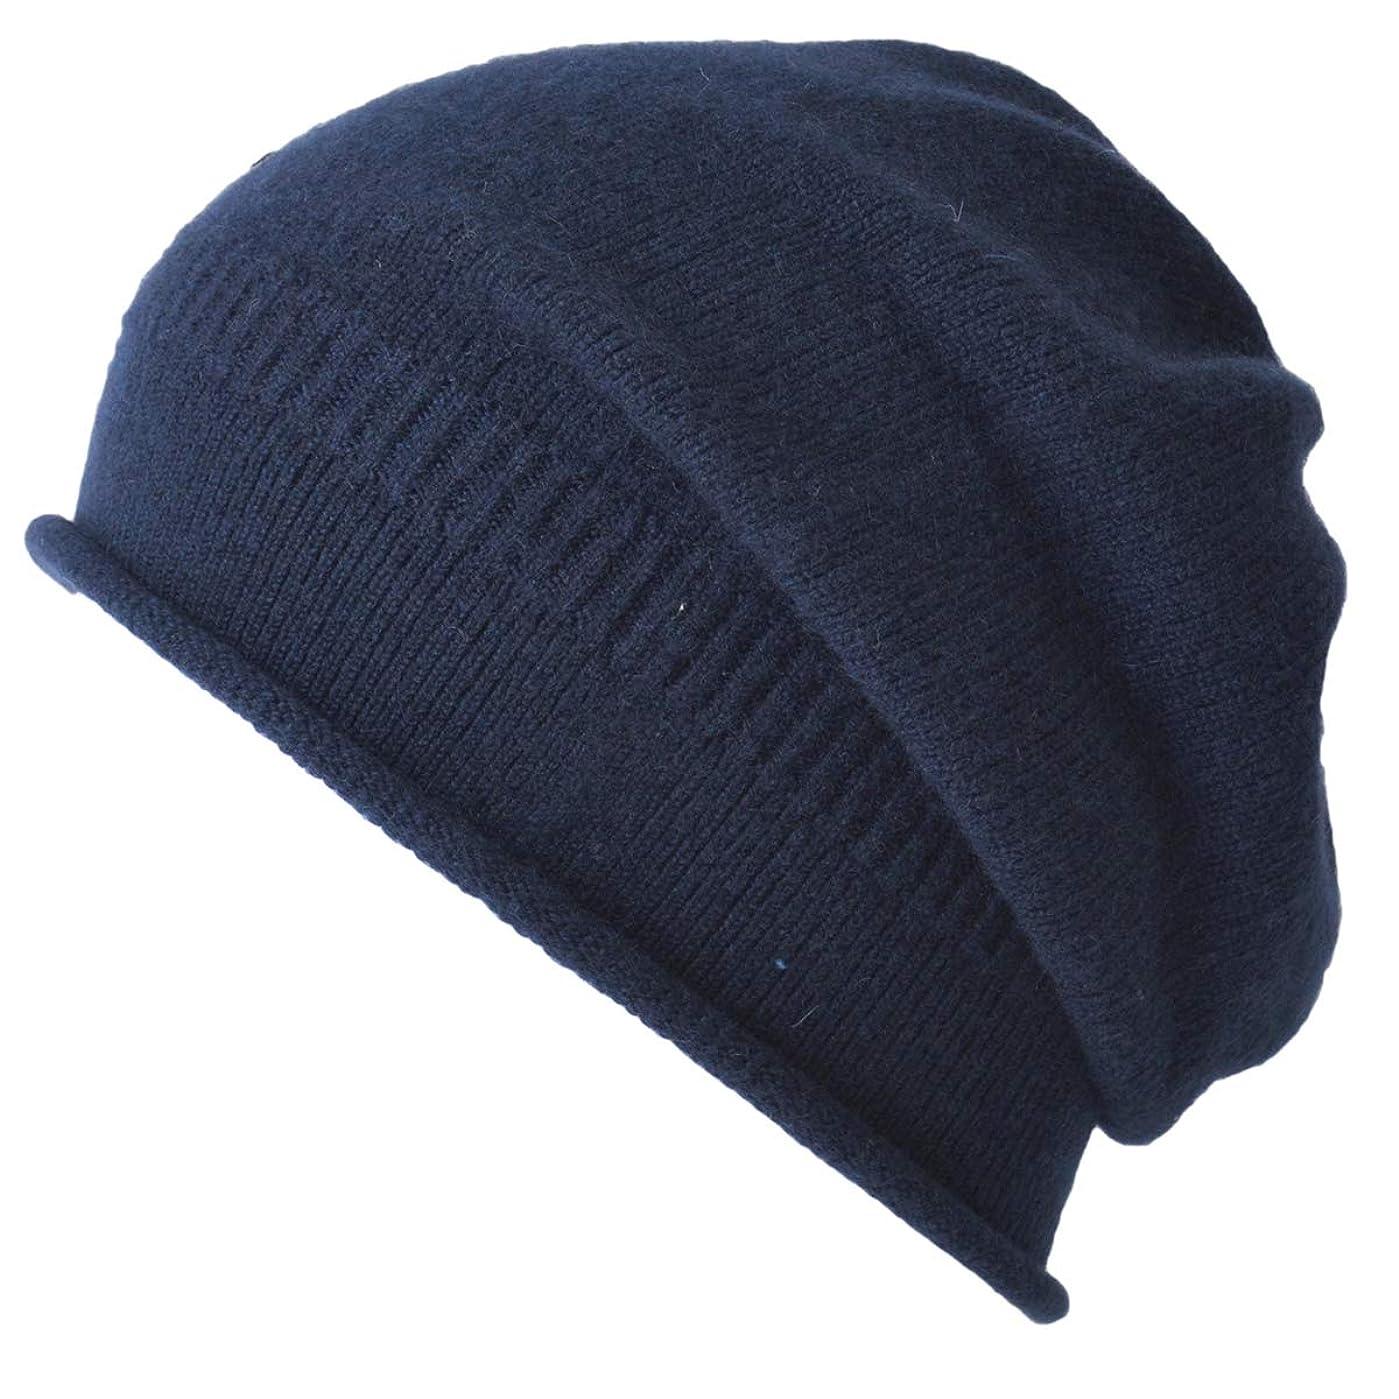 初心者フォークコンピューター(カジュアルボックス) 秋冬 日本製 ニット帽 カシミヤ ライン ビーニー ワッチキャップ ユニセックス